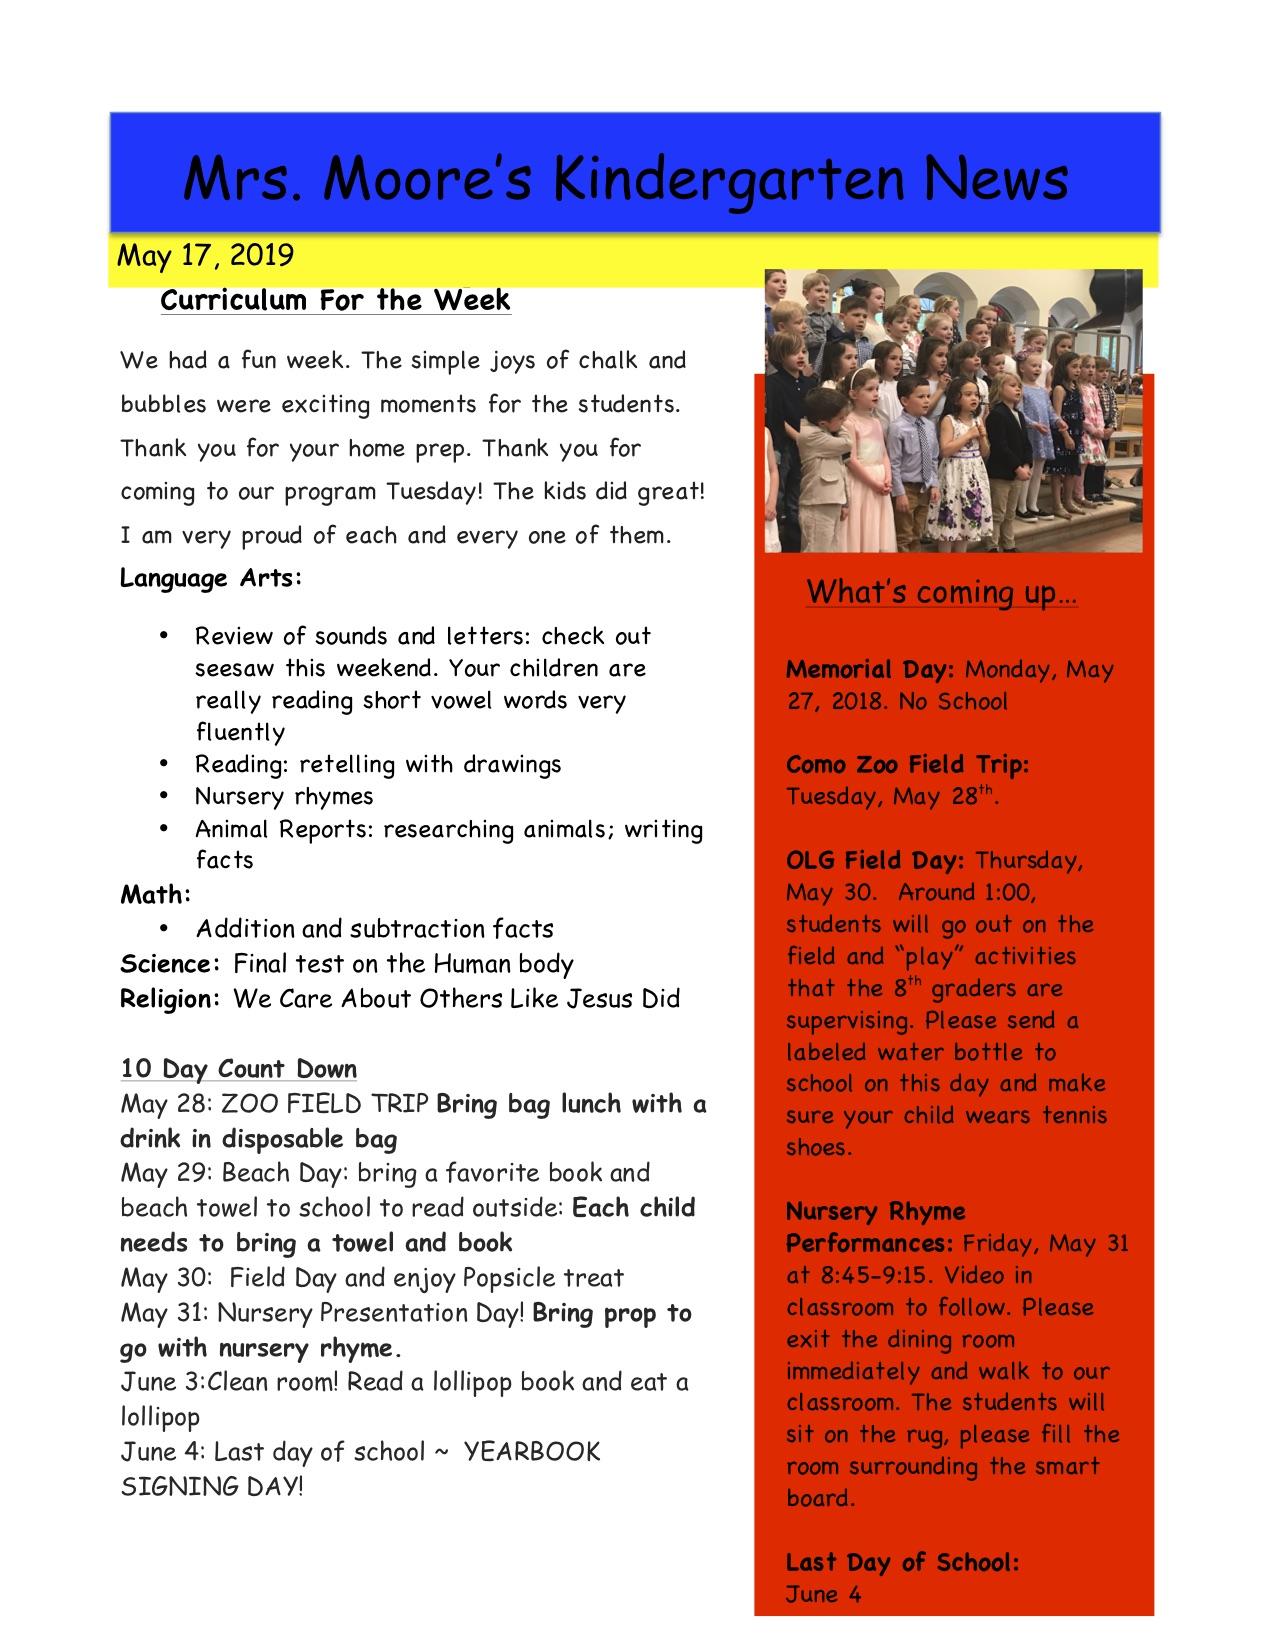 MooreNewsletter 5-24-19.jpg